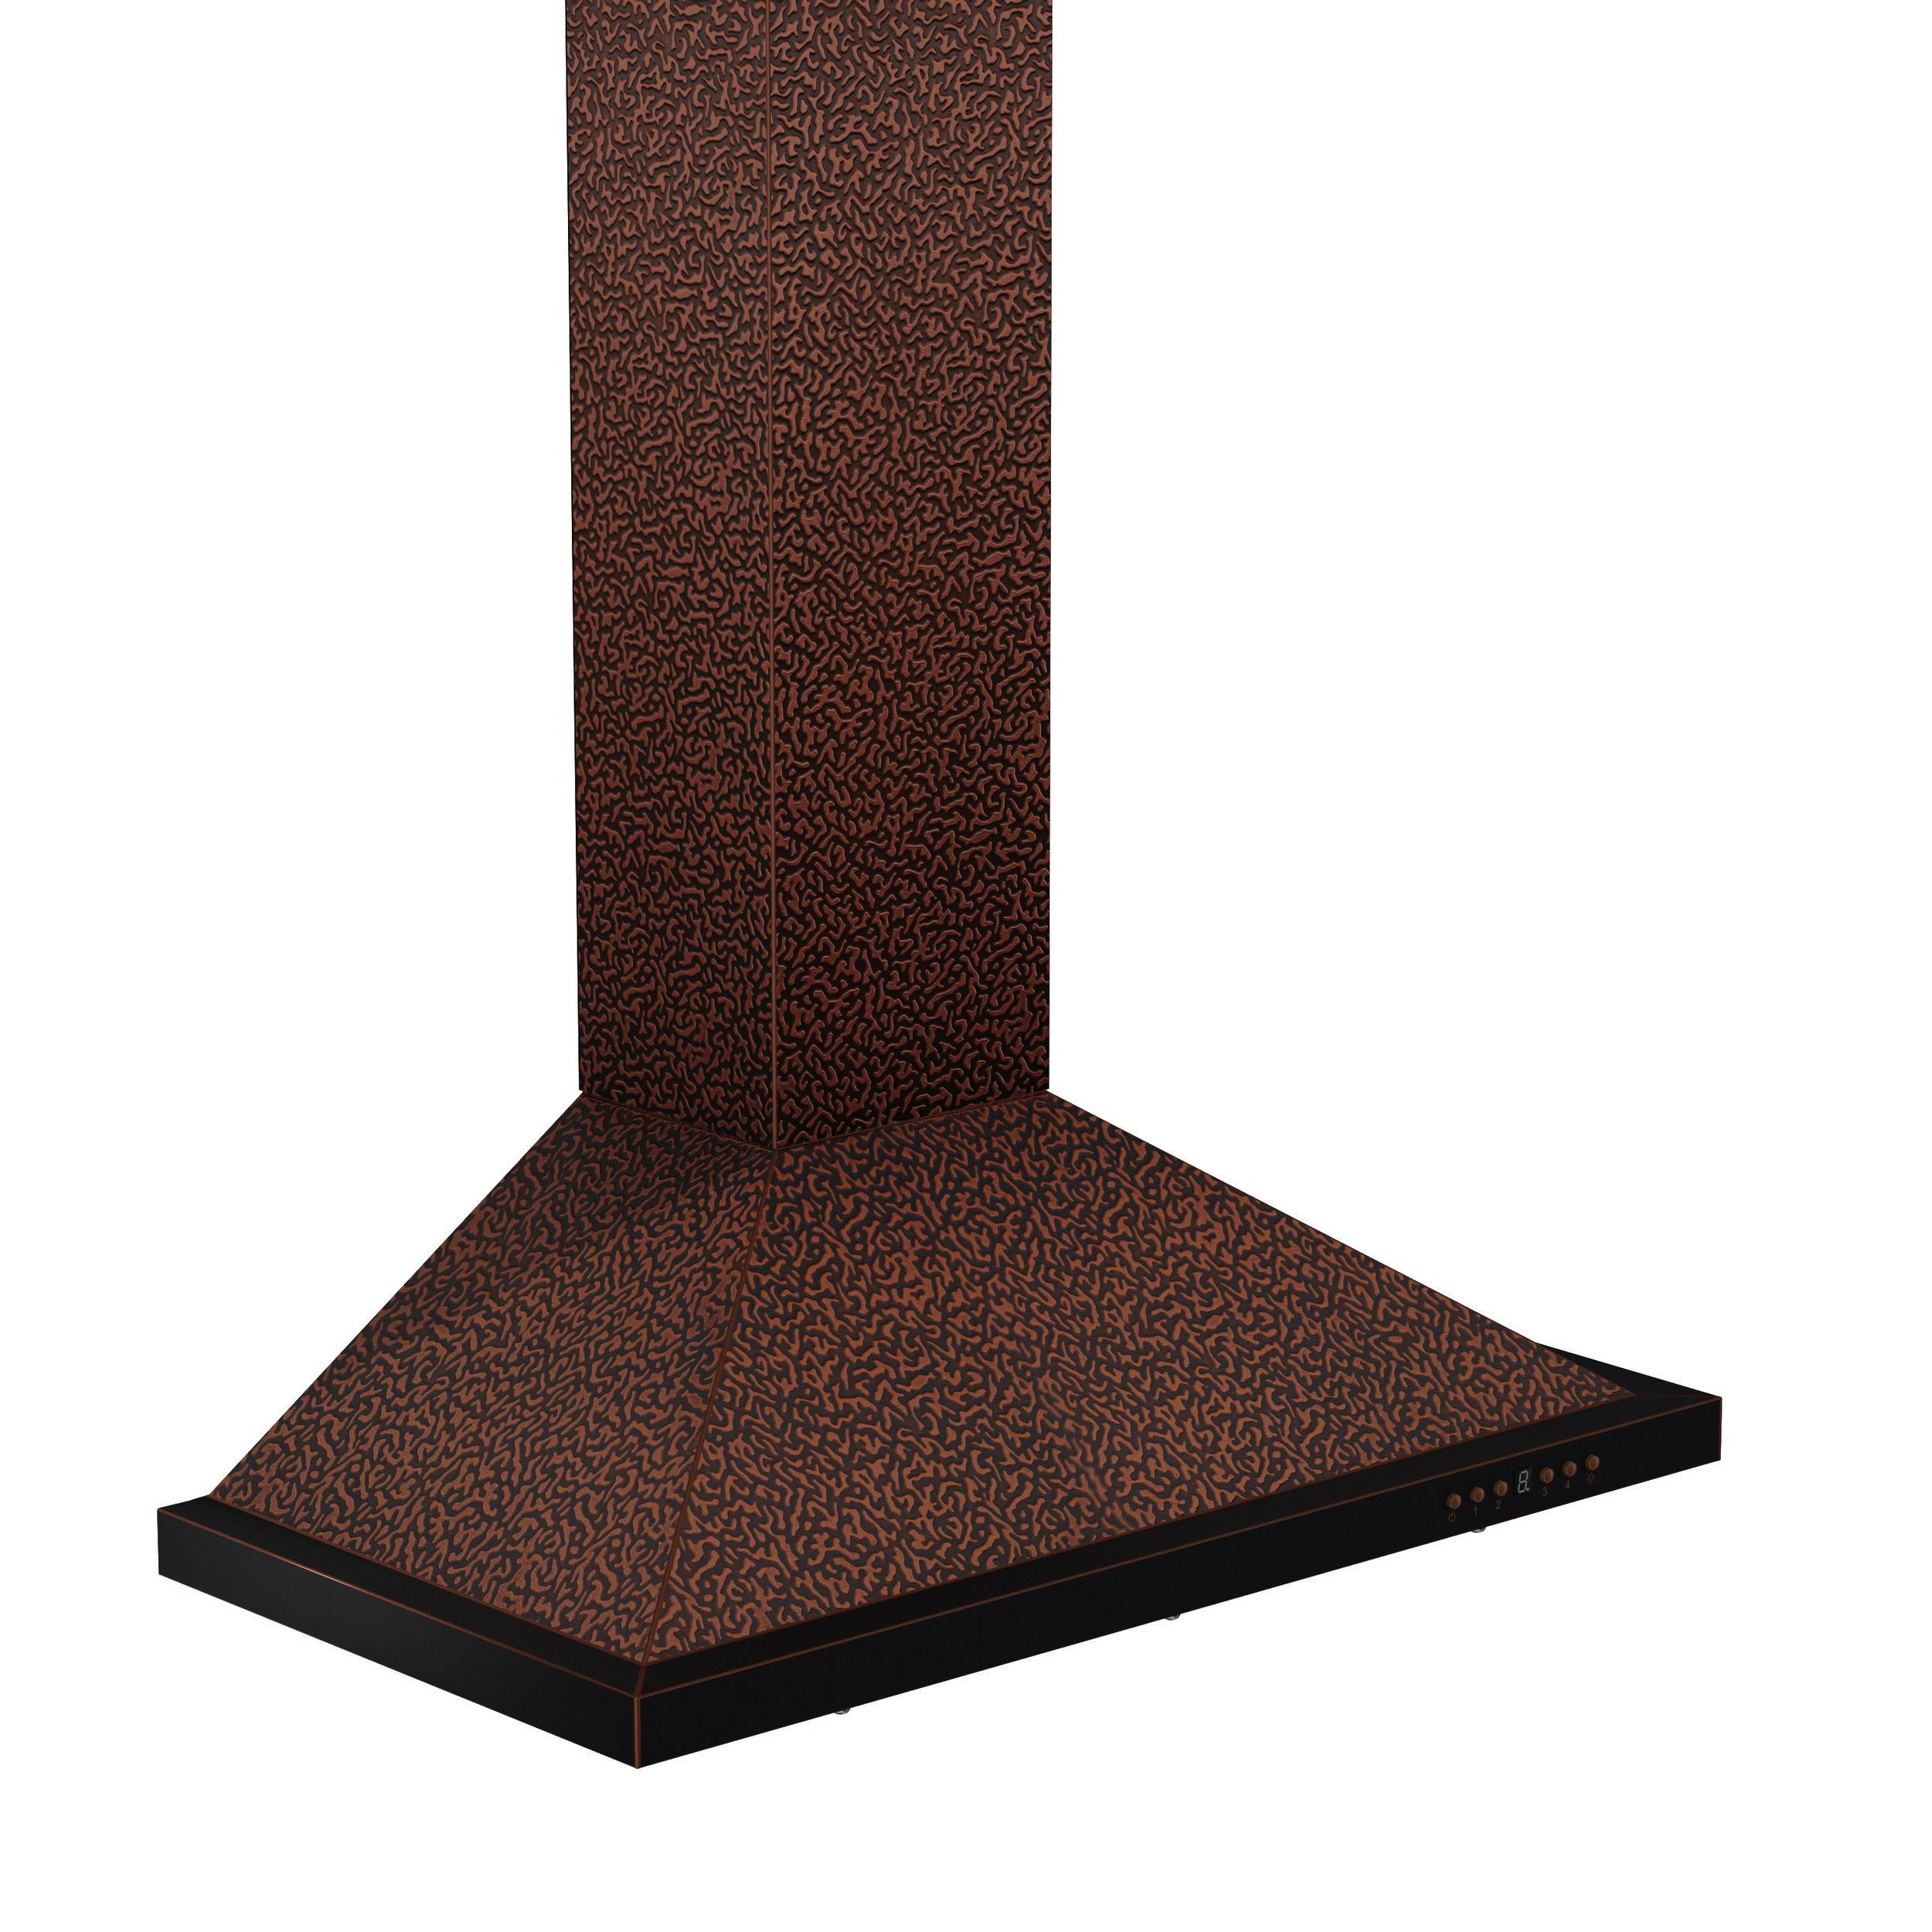 zline-copper-wall-mounted-range-hood-8KBE-top.jpg